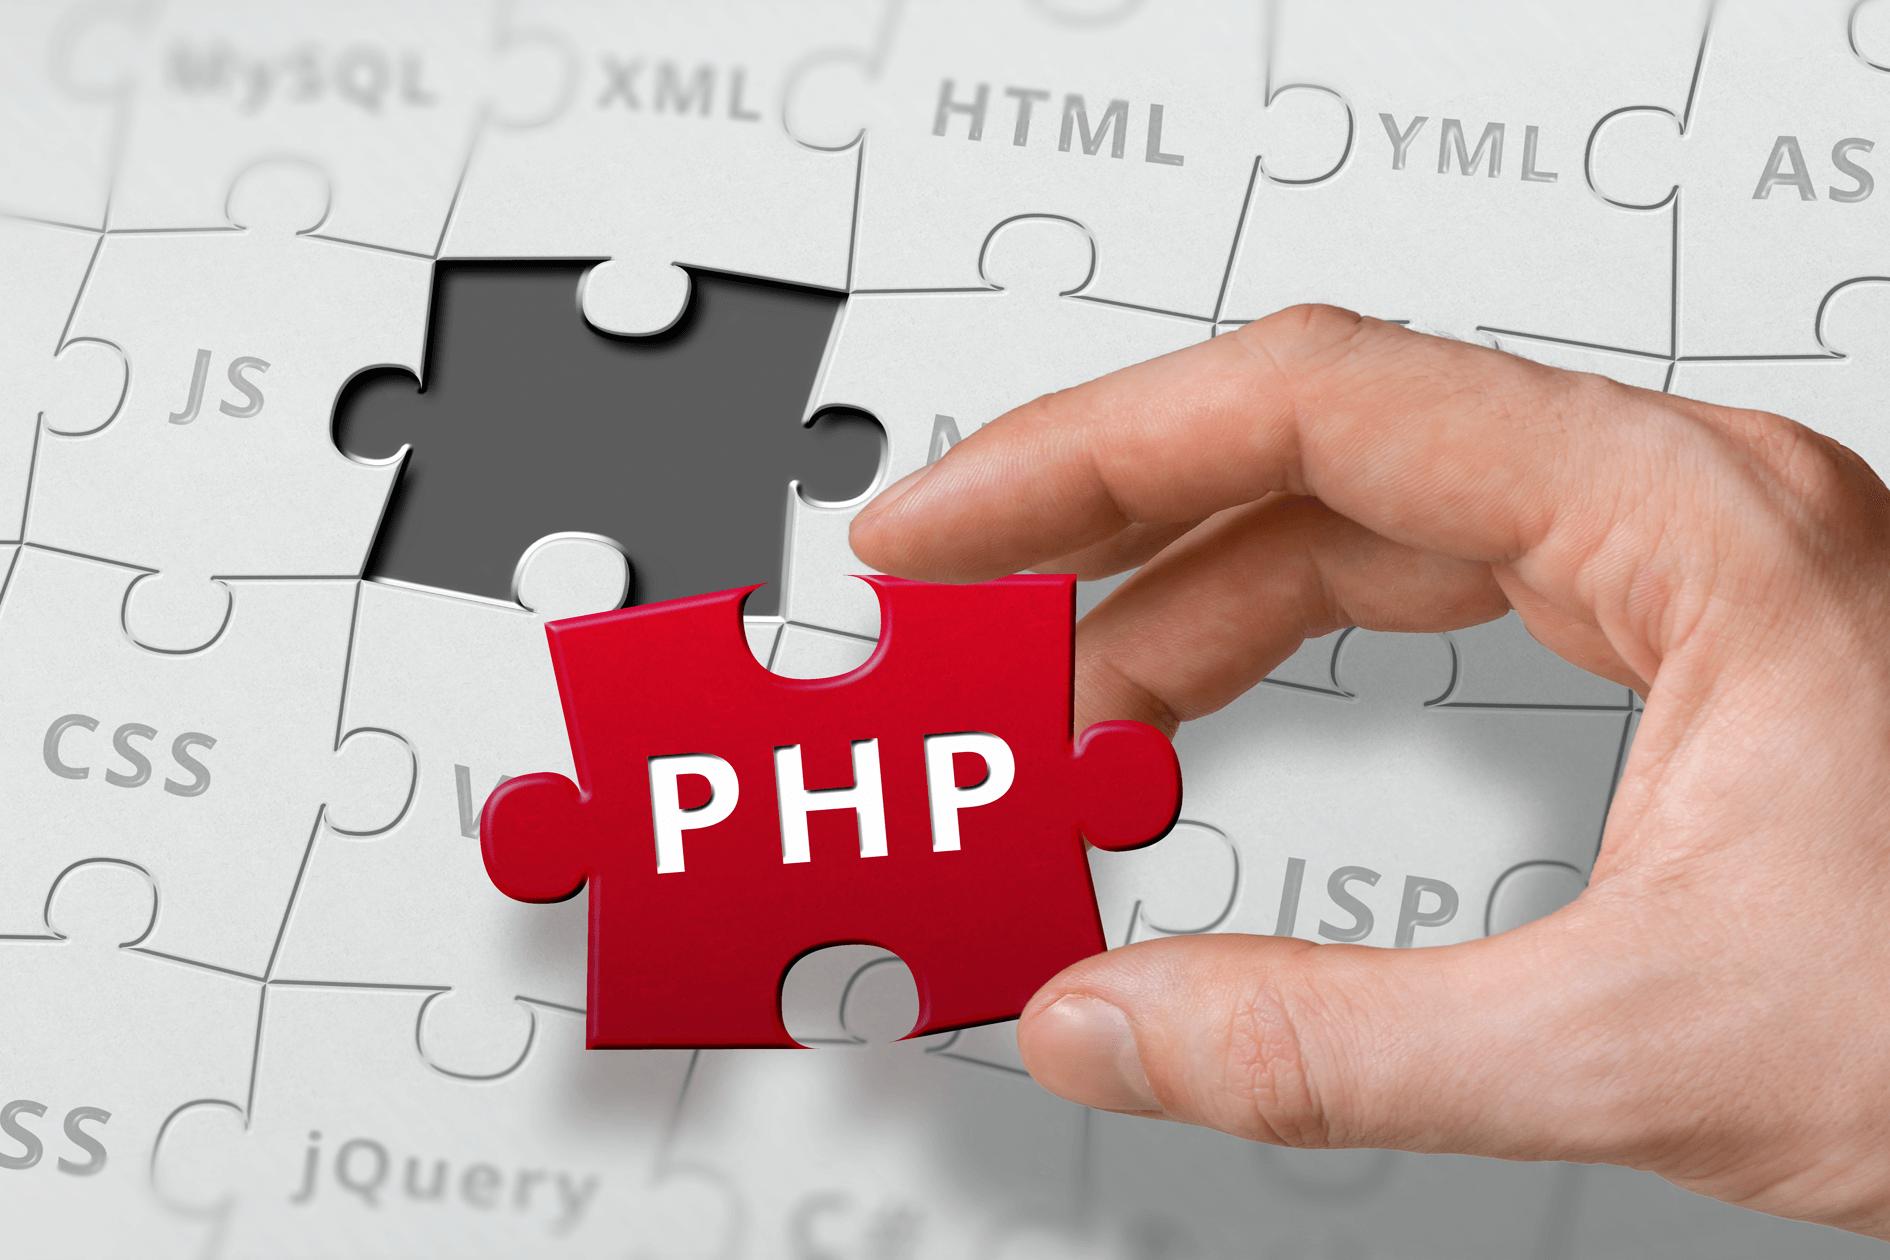 【初心者向け】PHPの変数について使い方を分かりやすく解説